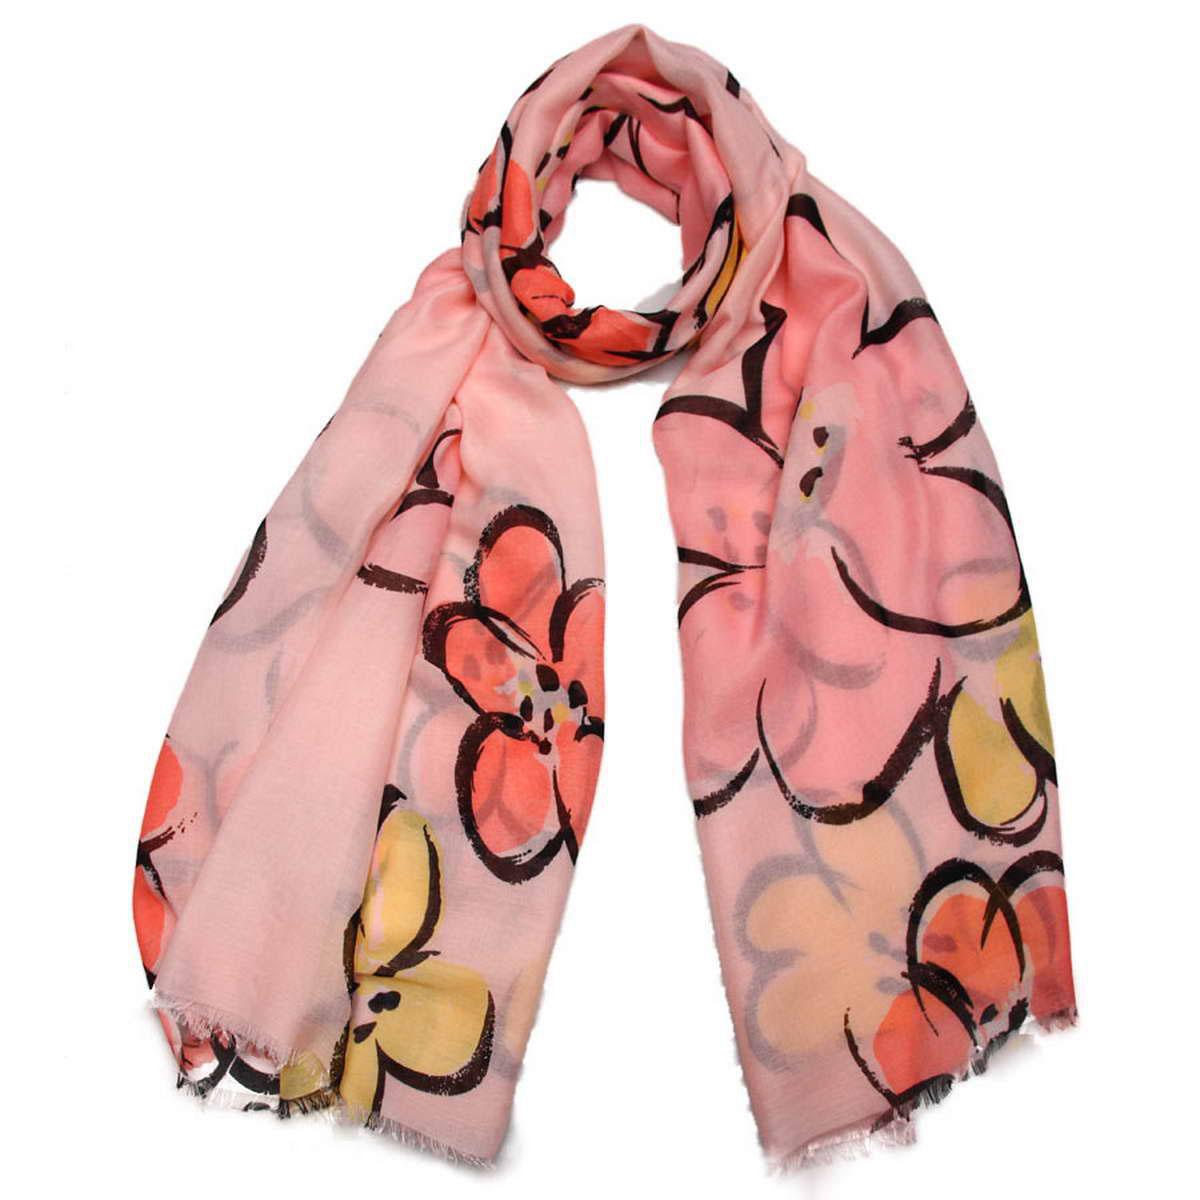 Палантин женский Venera, цвет: розовый, черный, желтый. 3415101-05. Размер 90 см х 180 см3415101-05Элегантный палантин Venera согреет вас в непогоду и станет достойным завершением вашего образа.Палантин изготовлен из 100% вискозы. Легкий и приятный на ощупь палантин классического кроя оформлен цветочным принтом. Палантин красиво драпируется, он превосходно дополнит любой наряд и подчеркнет ваш изысканный вкус.Легкий и изящный палантин привнесет в ваш образ утонченность и шарм.